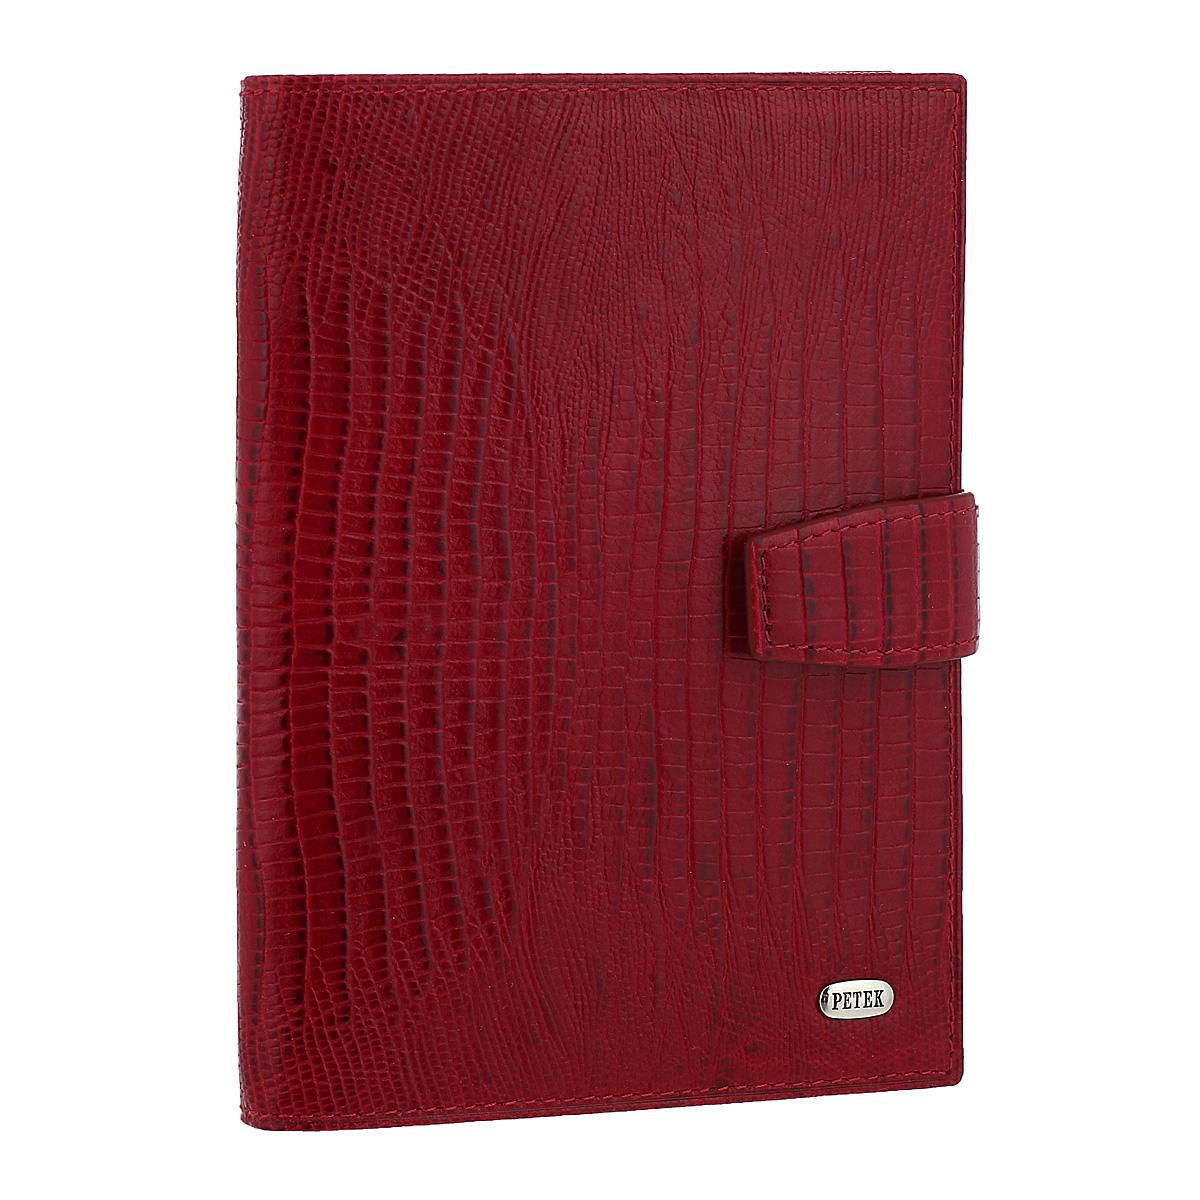 Обложка для автодокументов и паспорта Red, цвет: красный. 595.041.10Ветерок 2ГФОбложка для автодокументов и паспорта Red не только поможет сохранить внешний вид ваших документов и защитить их от повреждений, но и станет стильным аксессуаром, идеально подходящим вашему образу. Обложка выполнена из натуральной кожи с декоративным тиснением под крокодила. На внутреннем развороте имеются два прозрачных кармана, съемный блок из шести прозрачных файлов из мягкого пластика, один из которых формата А5 и два вертикальных кармана. Обложка закрывается хлястиком на кнопку.Упакована в фирменную картонную коробку. Такая обложка станет замечательным подарком человеку, ценящему качественные и практичные вещи. Характеристики:Материал:натуральная кожа, металл, текстиль, пластик. Размер обложки (в сложенном виде): 10,5 см х 13,5 см х 1,5 см. Цвет: красный. Размер упаковки: 11,5 см х 15 см х 2,5 см. Артикул: 595.041.10.